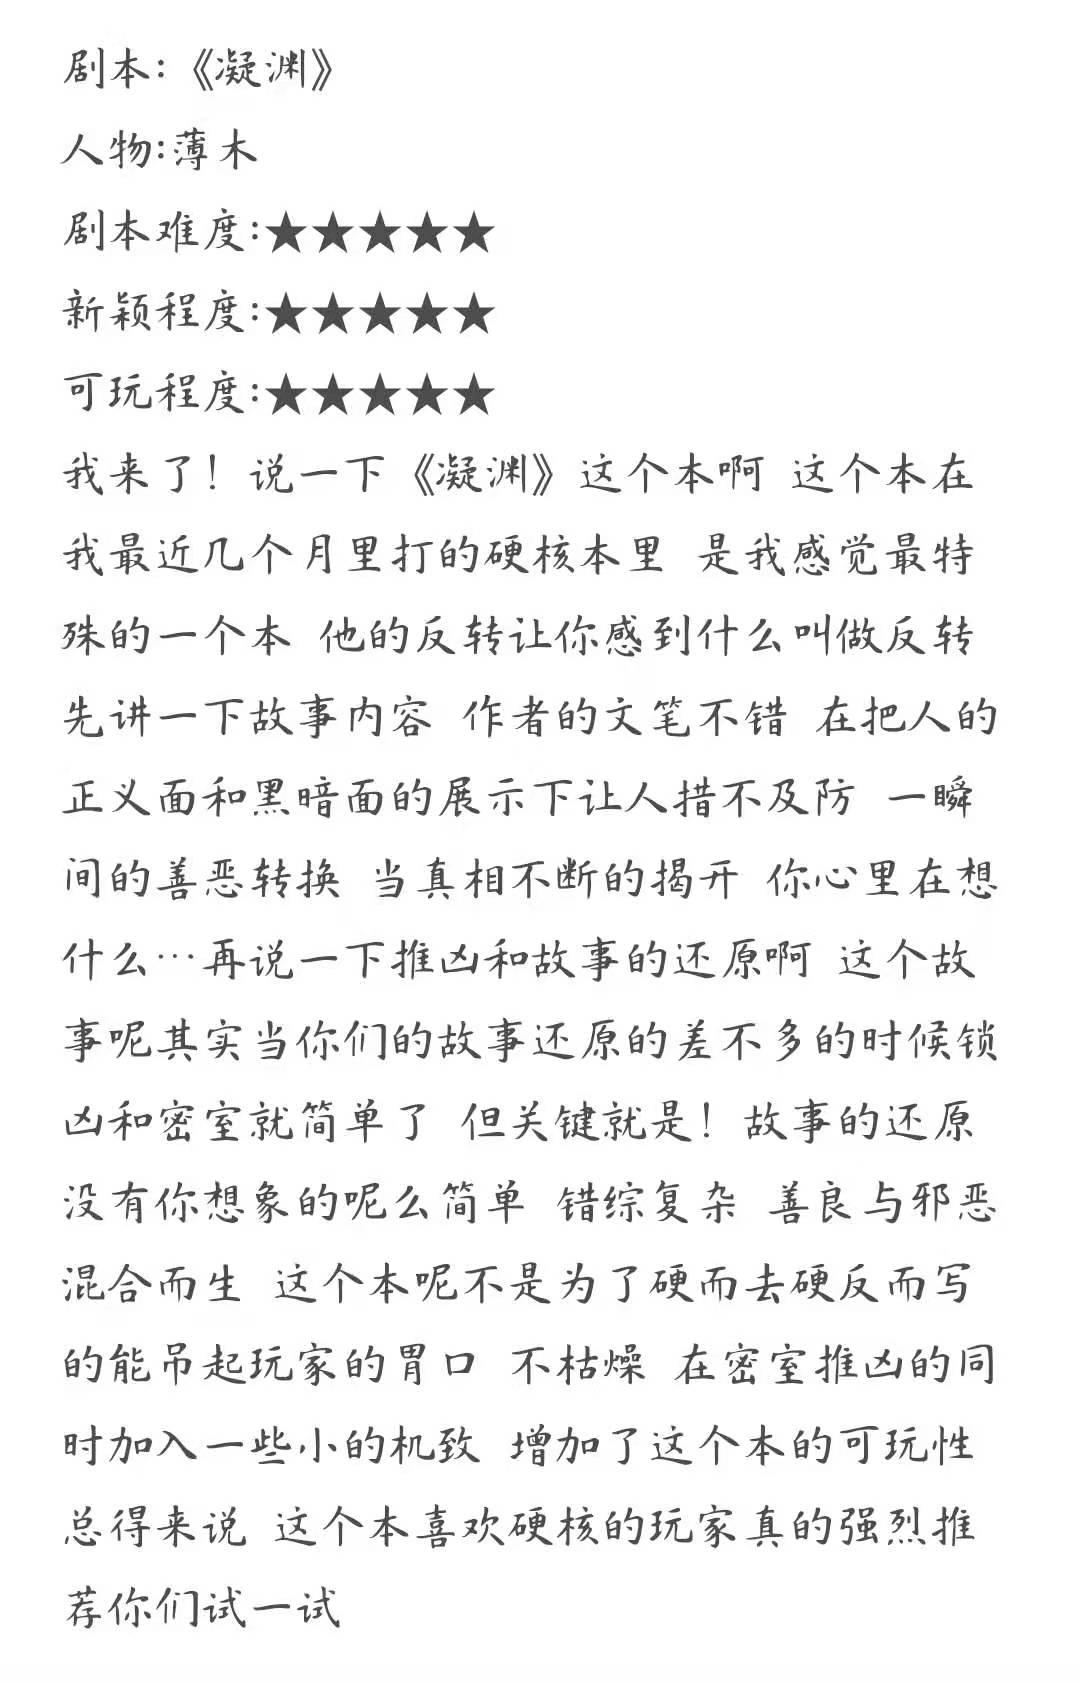 『凝渊』剧本杀复盘_答案_推凶线索_真相解析